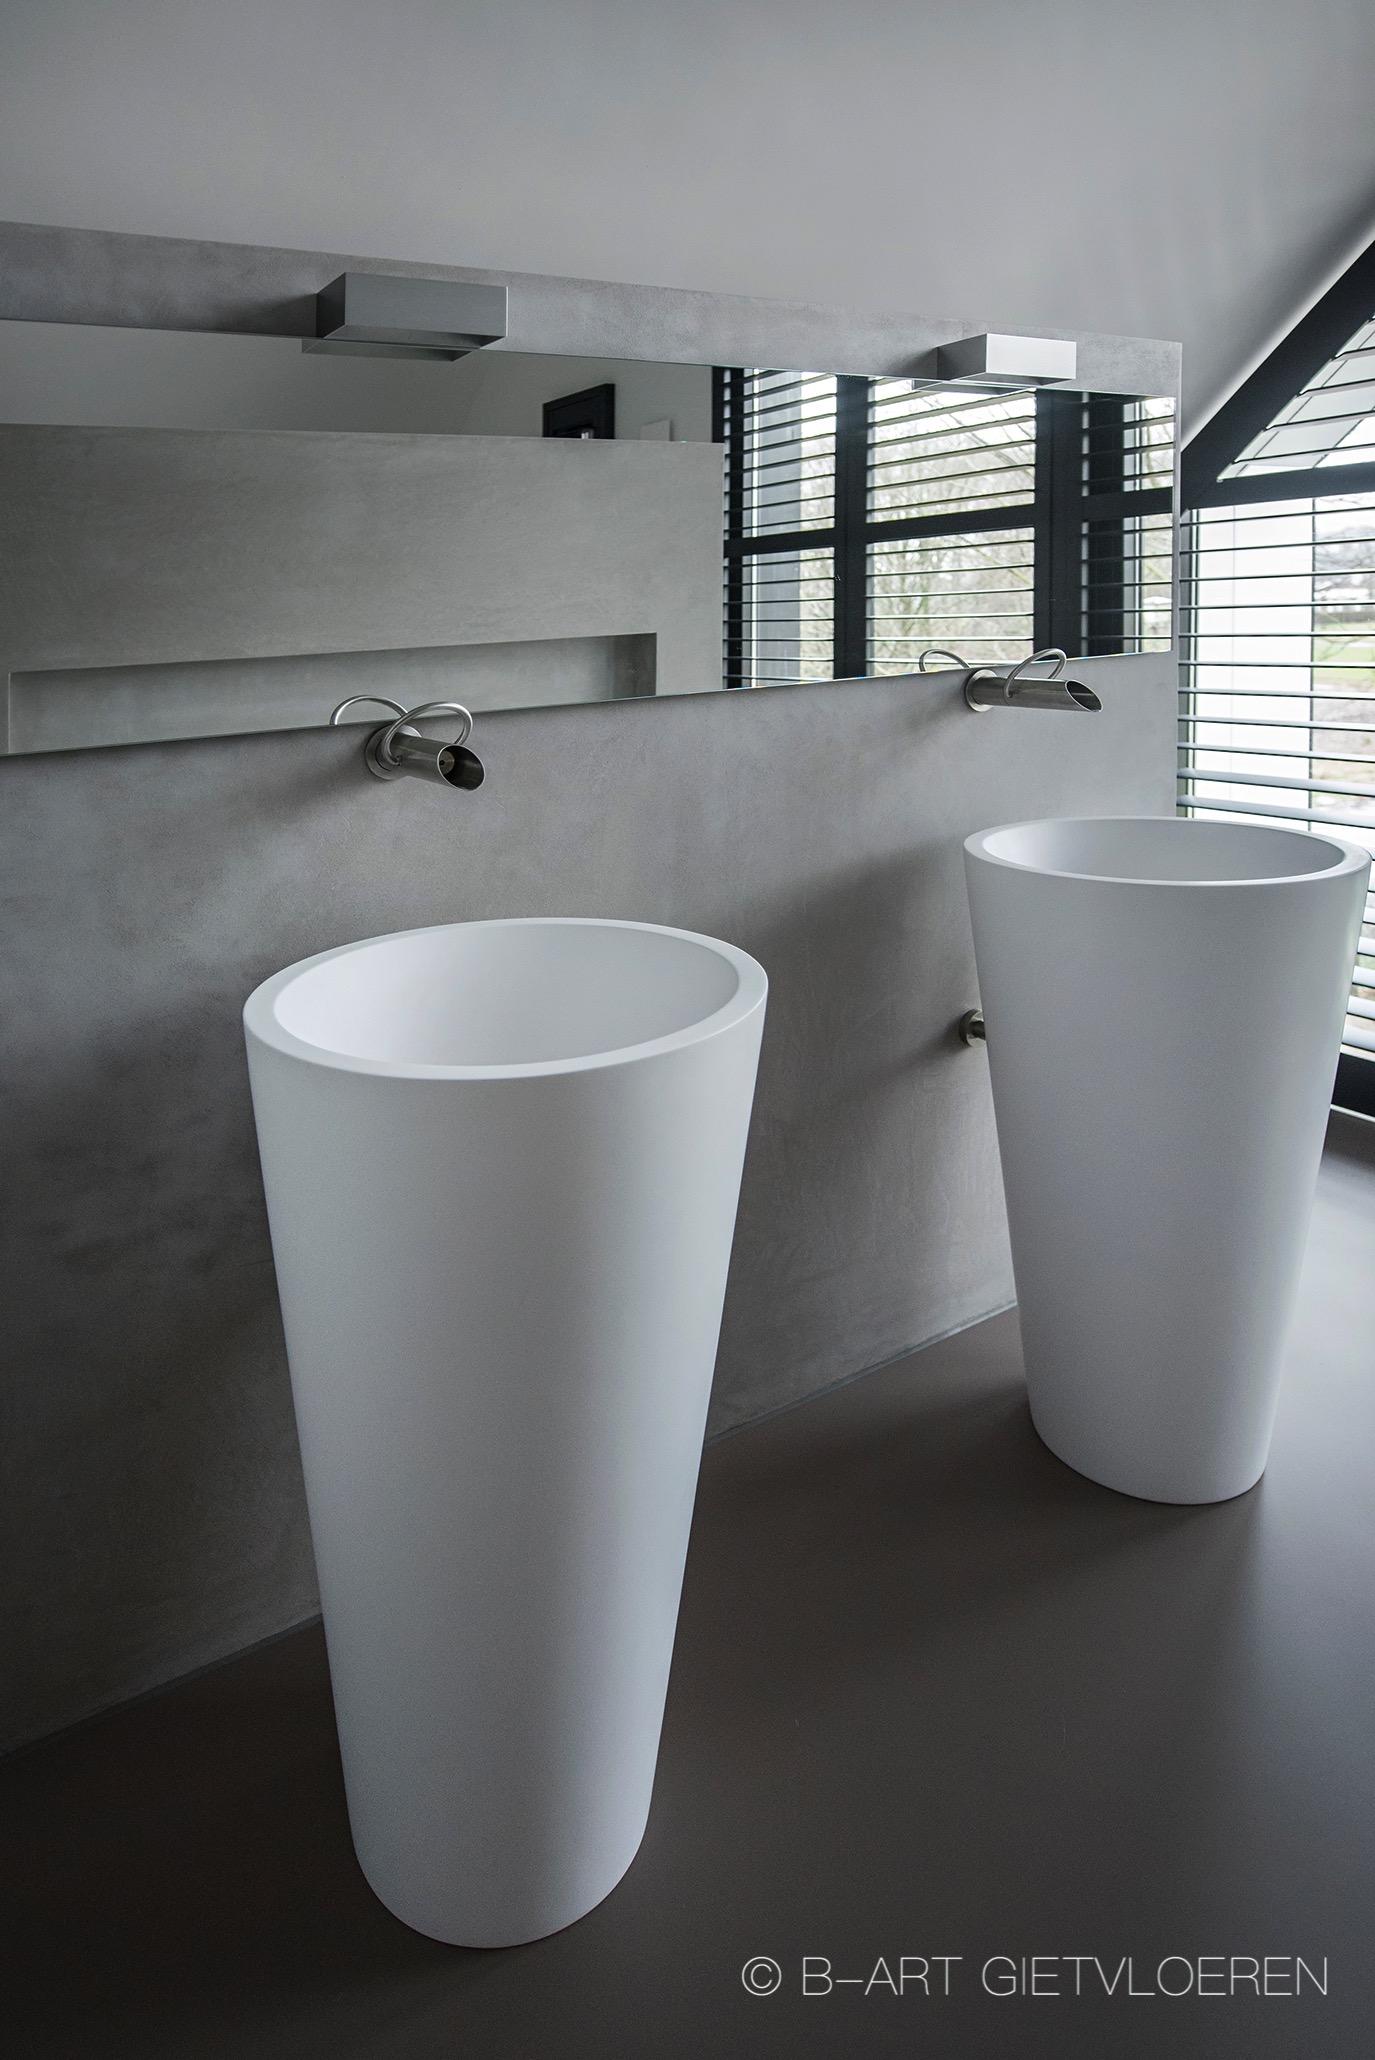 Mono Art gietvloer | Polyurethaan | badkamer | regio Nijmegen